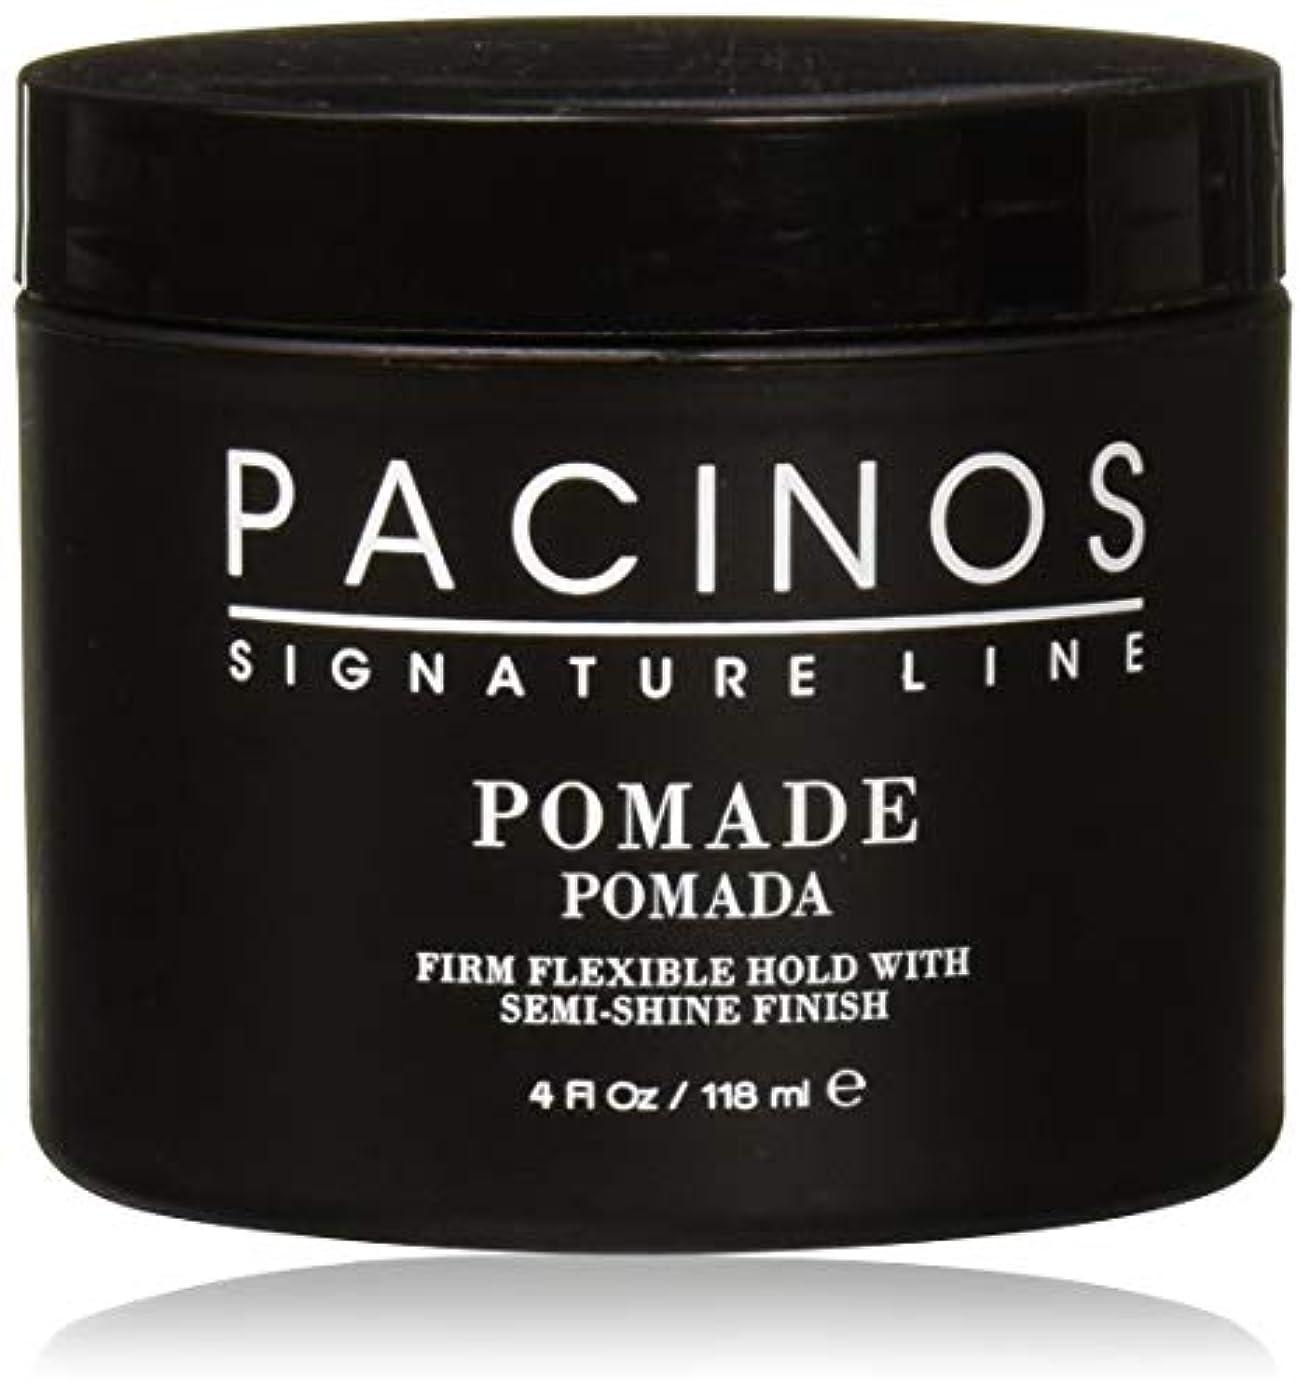 休憩する安全大西洋Pacinos Pomade パチーノス?ポマード【日本正規品】4oz(118g)